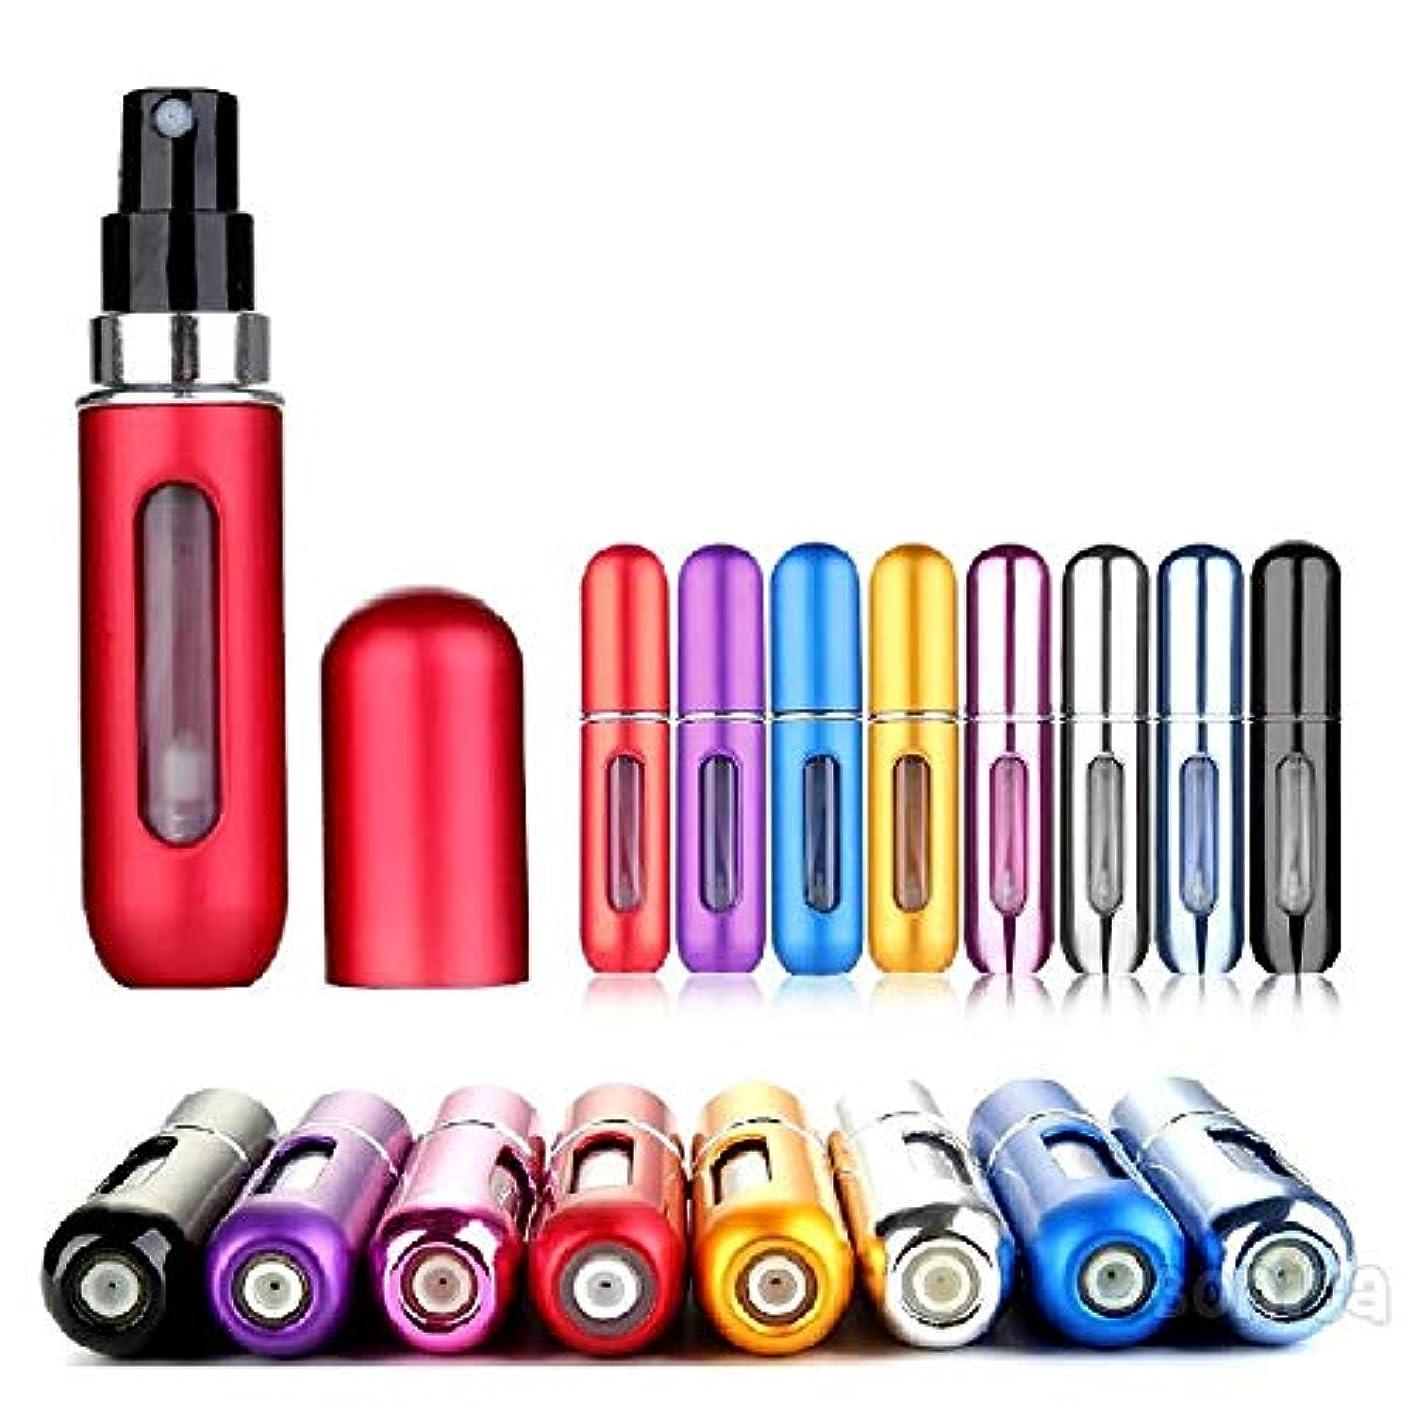 最初に機会株式5ml香水アトマイザー レディース スプレーボトル ボトル式 スプレー 香水噴霧器旅行携帯便利 詰め替え容器 (赤)